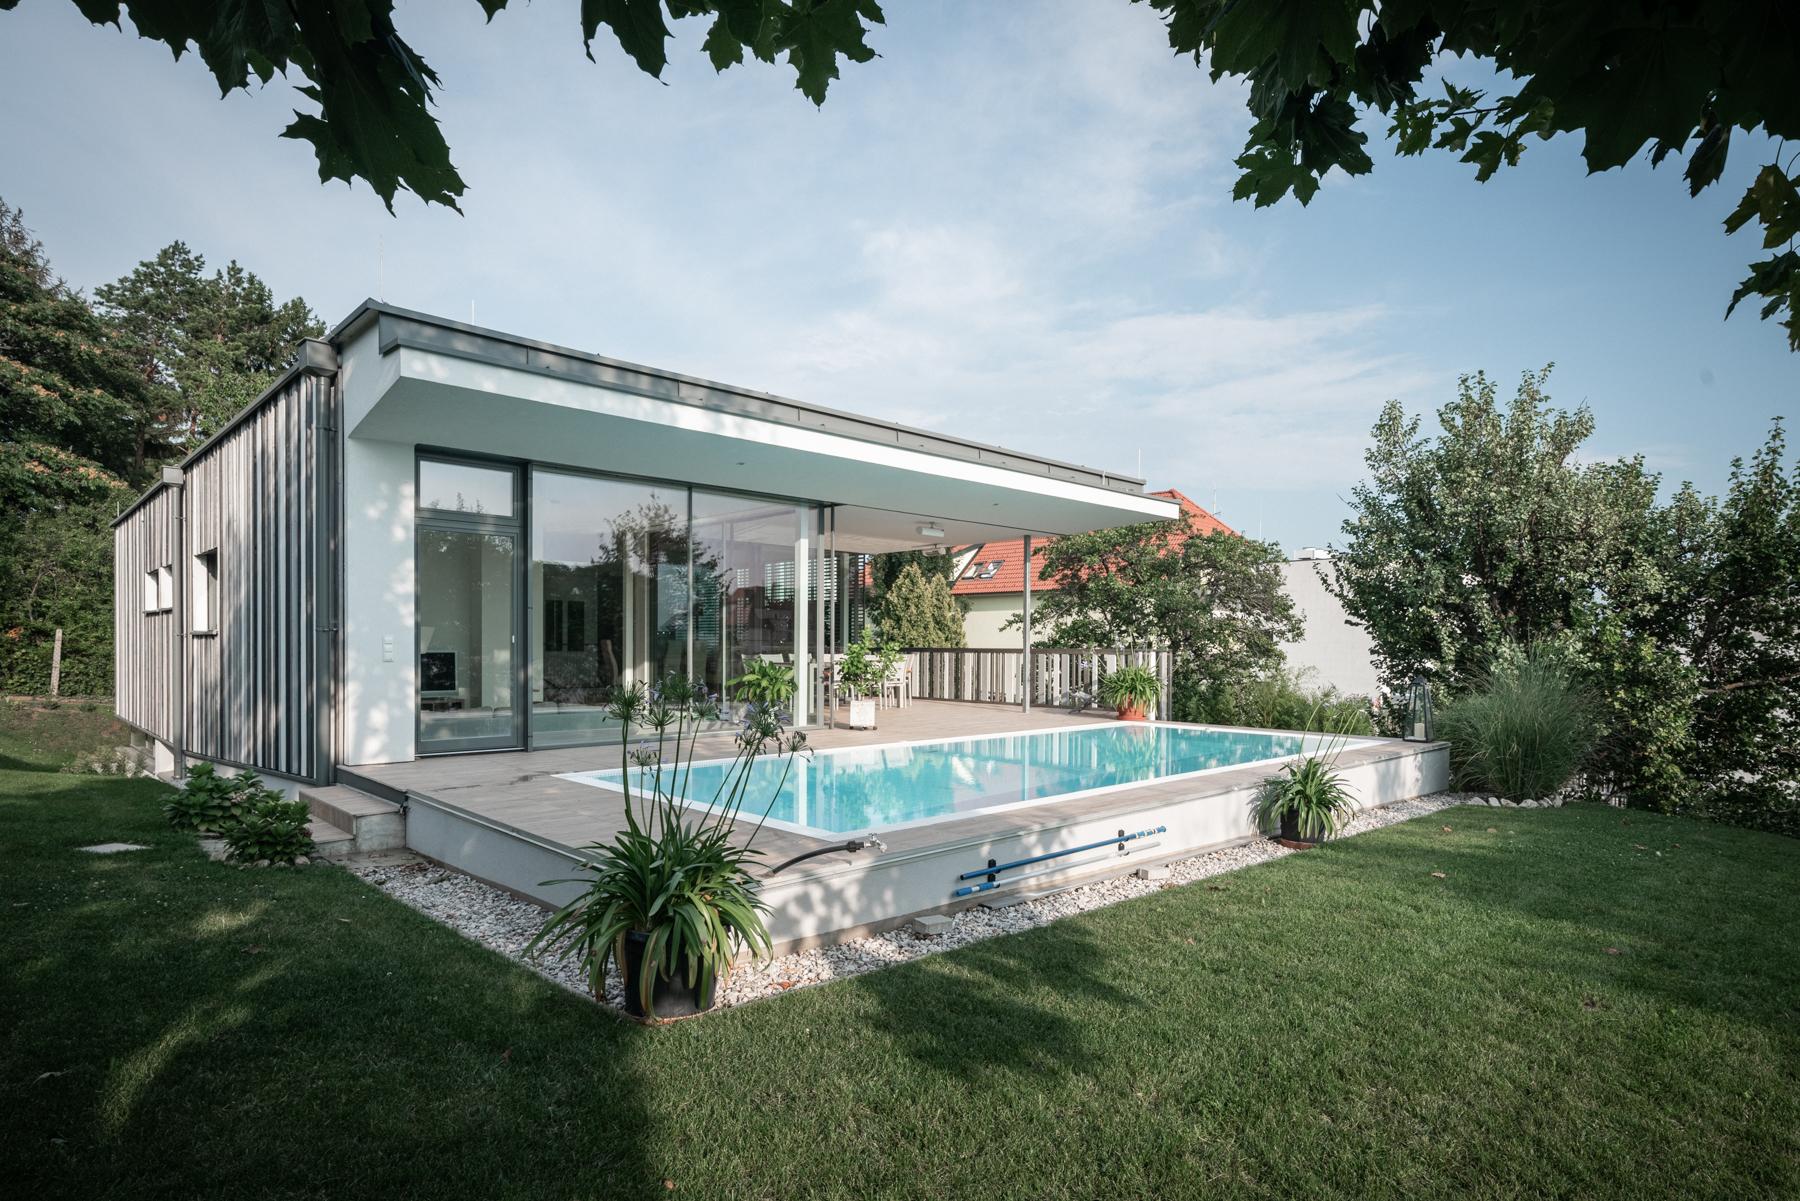 Immobilienfotografie Einfamilienhaus Swimmingpool von Fotograf Michael Pinzolits